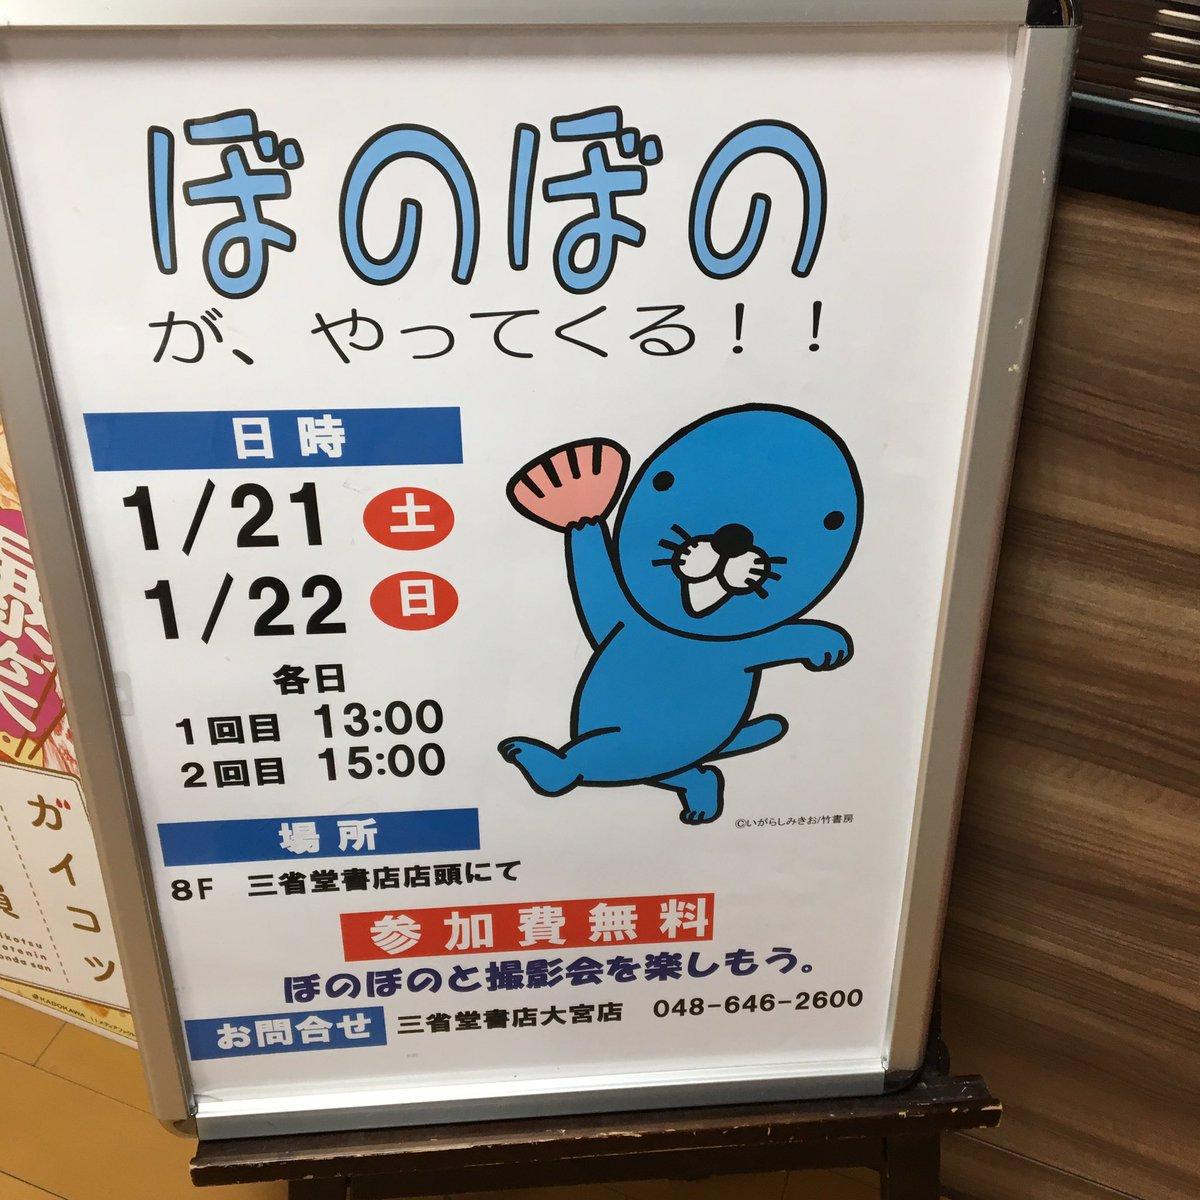 いよいよ明日!! ぼのぼのちゃんが三省堂書店大宮店に遊びに来てくれます!! 一緒にお写真撮りませんか?